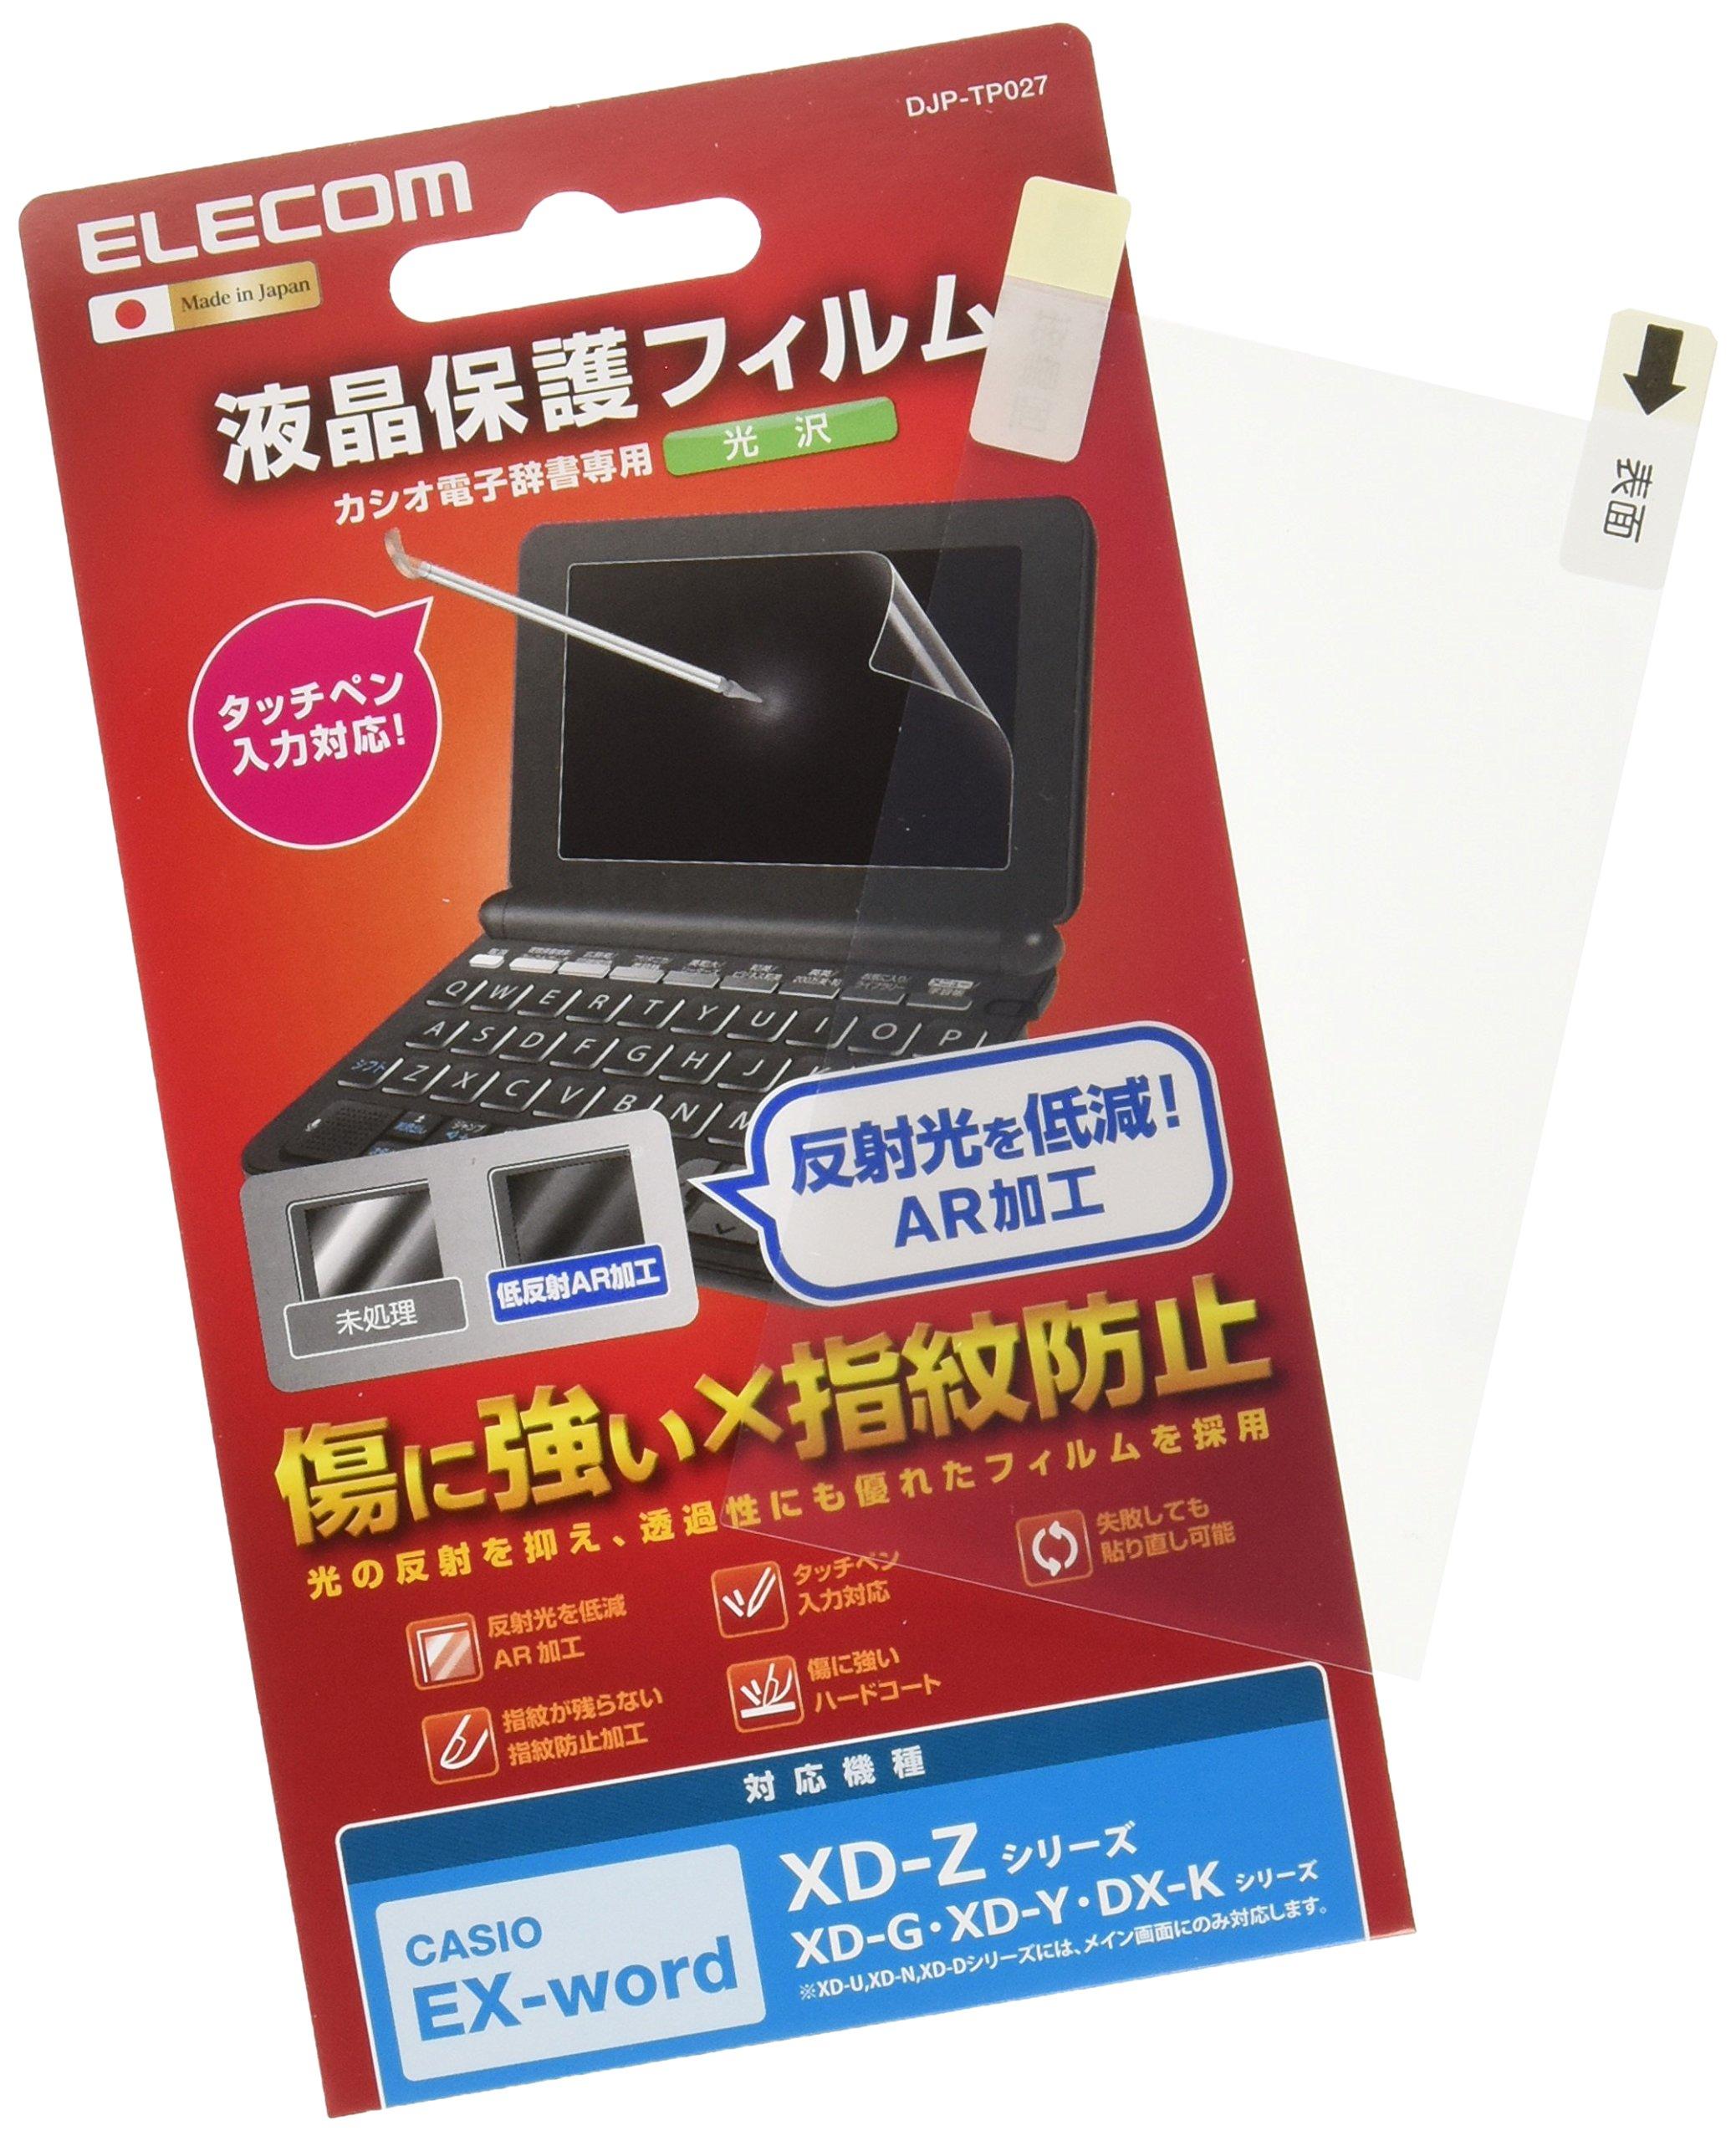 ELECOM electronic dictionary film CASIO XD-K Series DJP-TP027 by ELECOM (ELECOM) (Image #5)